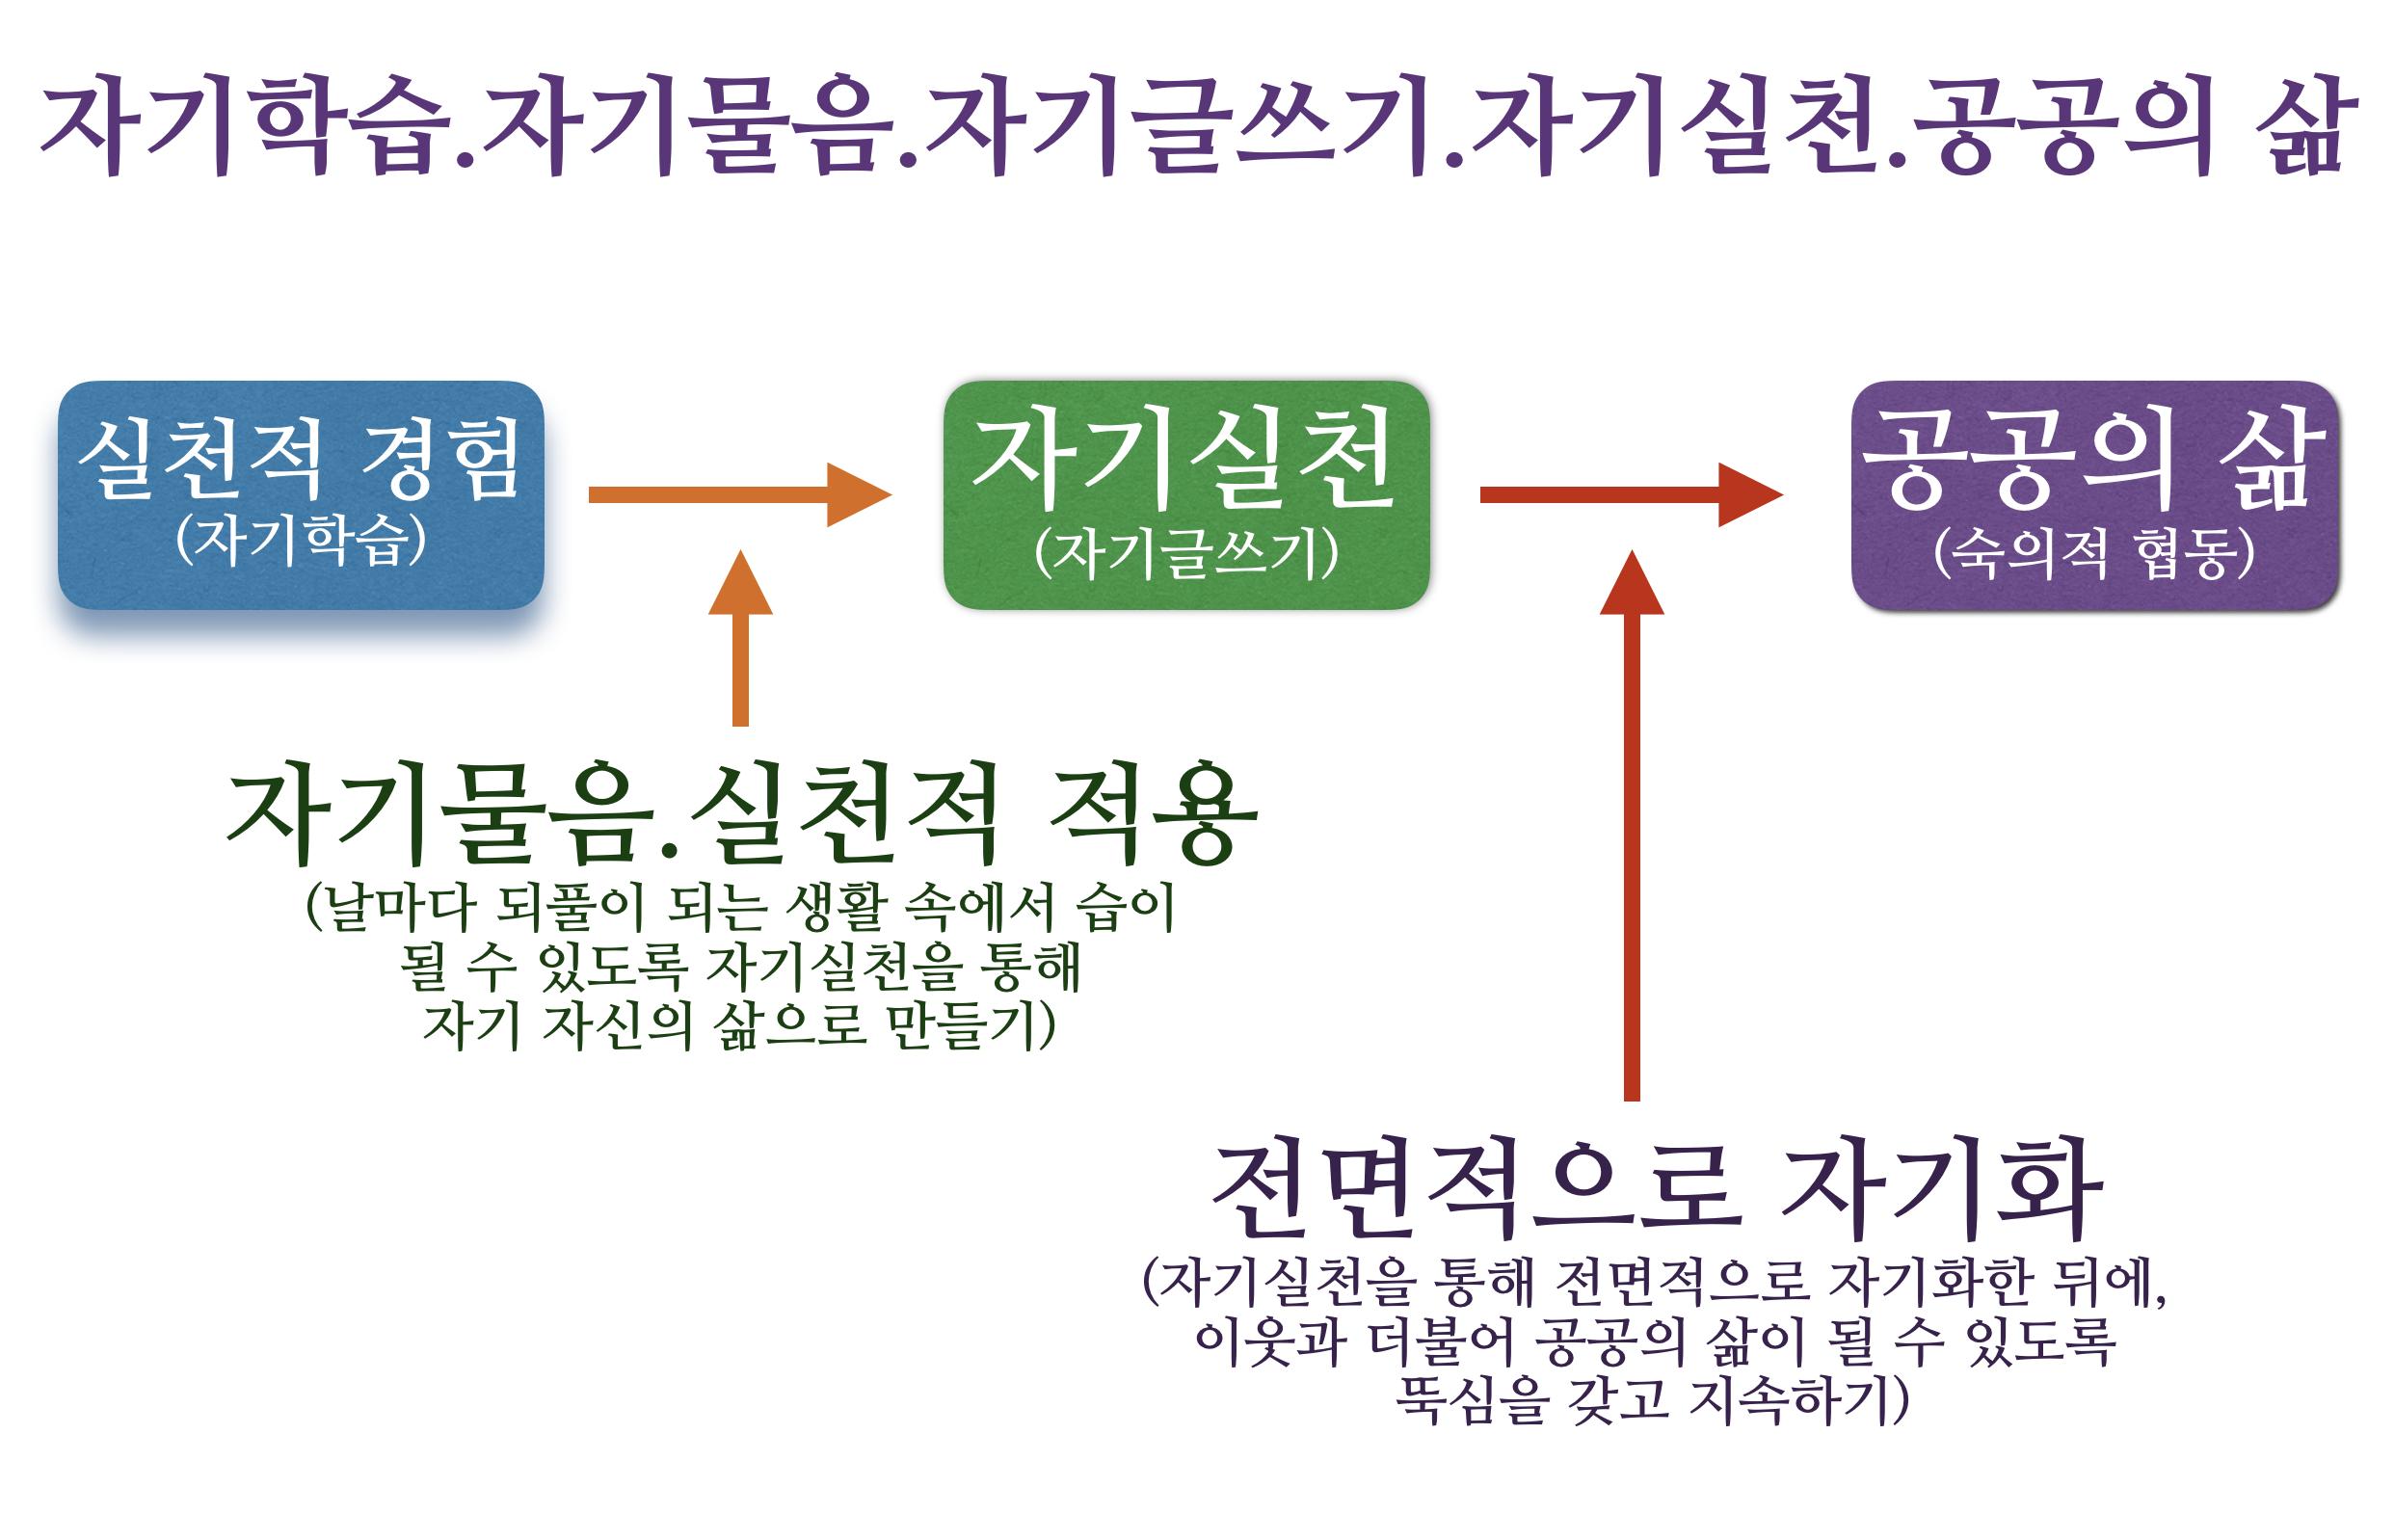 자기학습_자기물음_자기글쓰기_자기실천_공공의 삶_2018